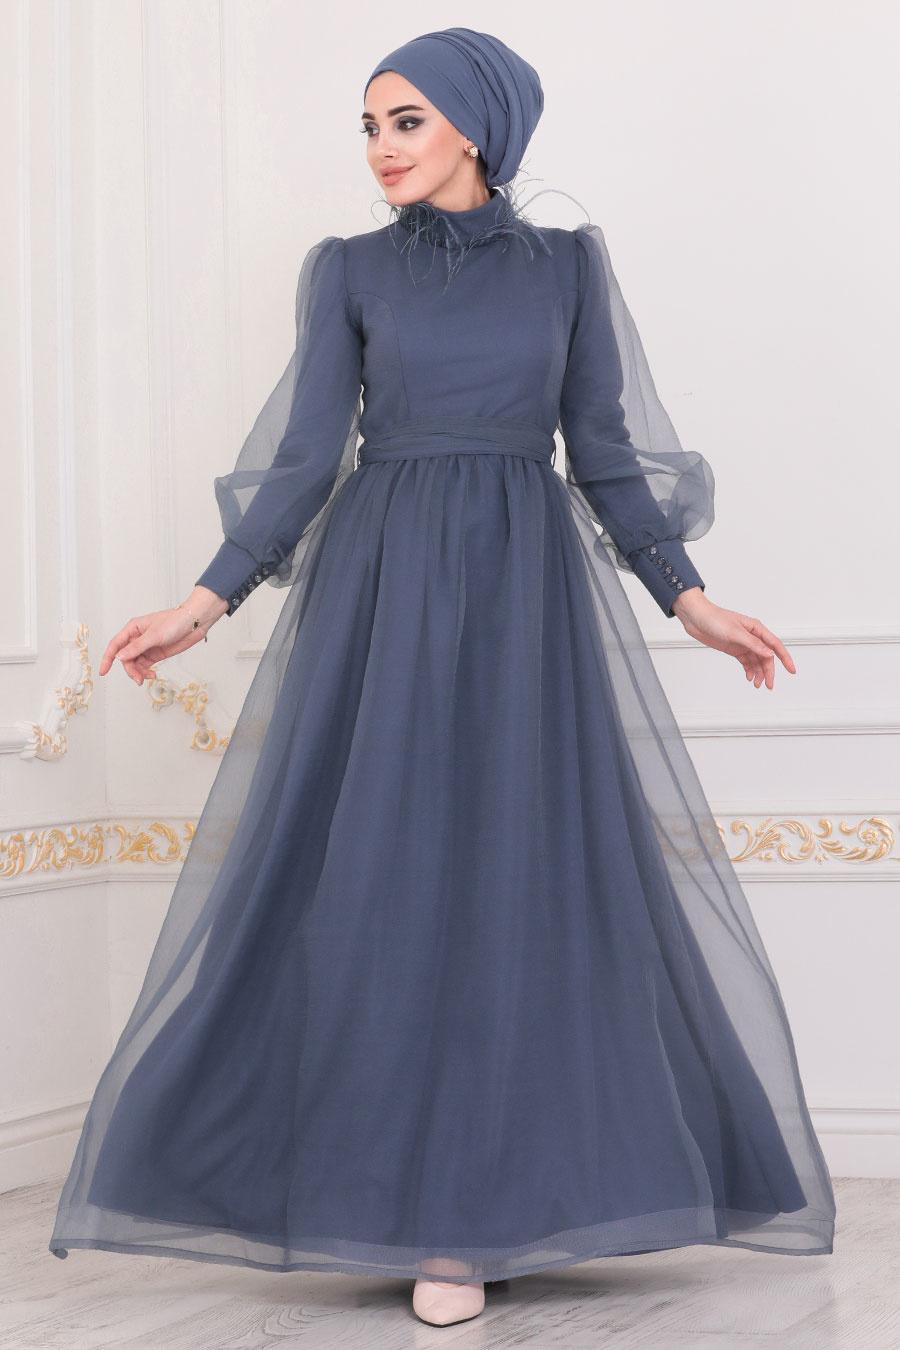 Tesettürlü Abiye Elbise - Yakası Püsküllü İndigo Mavisi Tesettür Abiye Elbise 40701IM